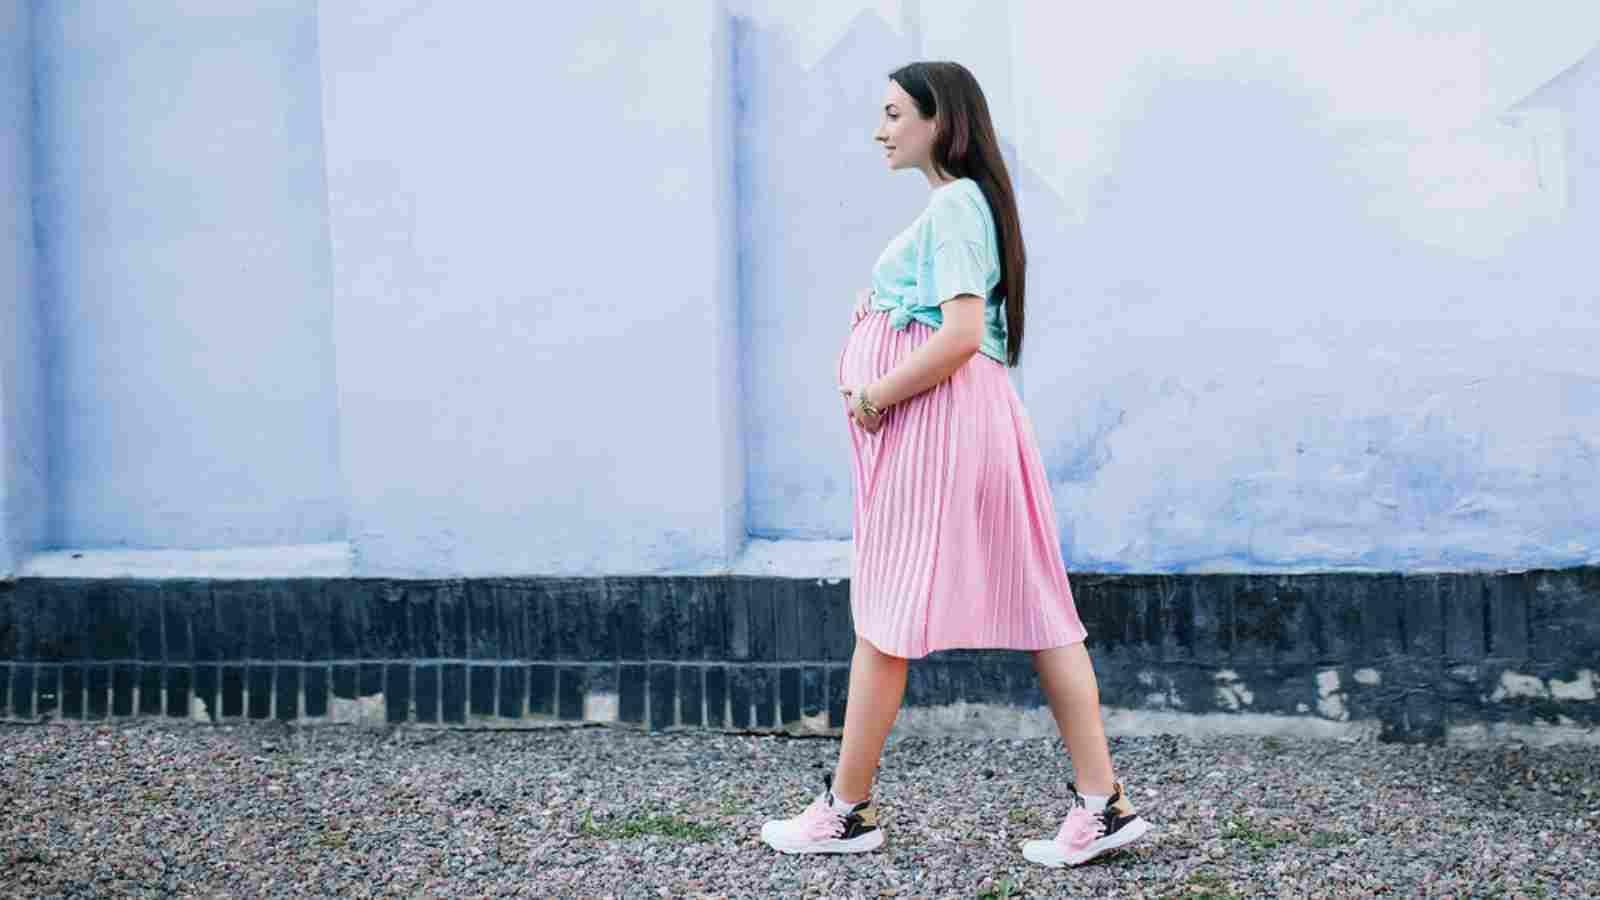 علامات تظهر في فترة الحمل وتدل على أن المرأة حامل ببنت Fashion Midi Skirt Skirts